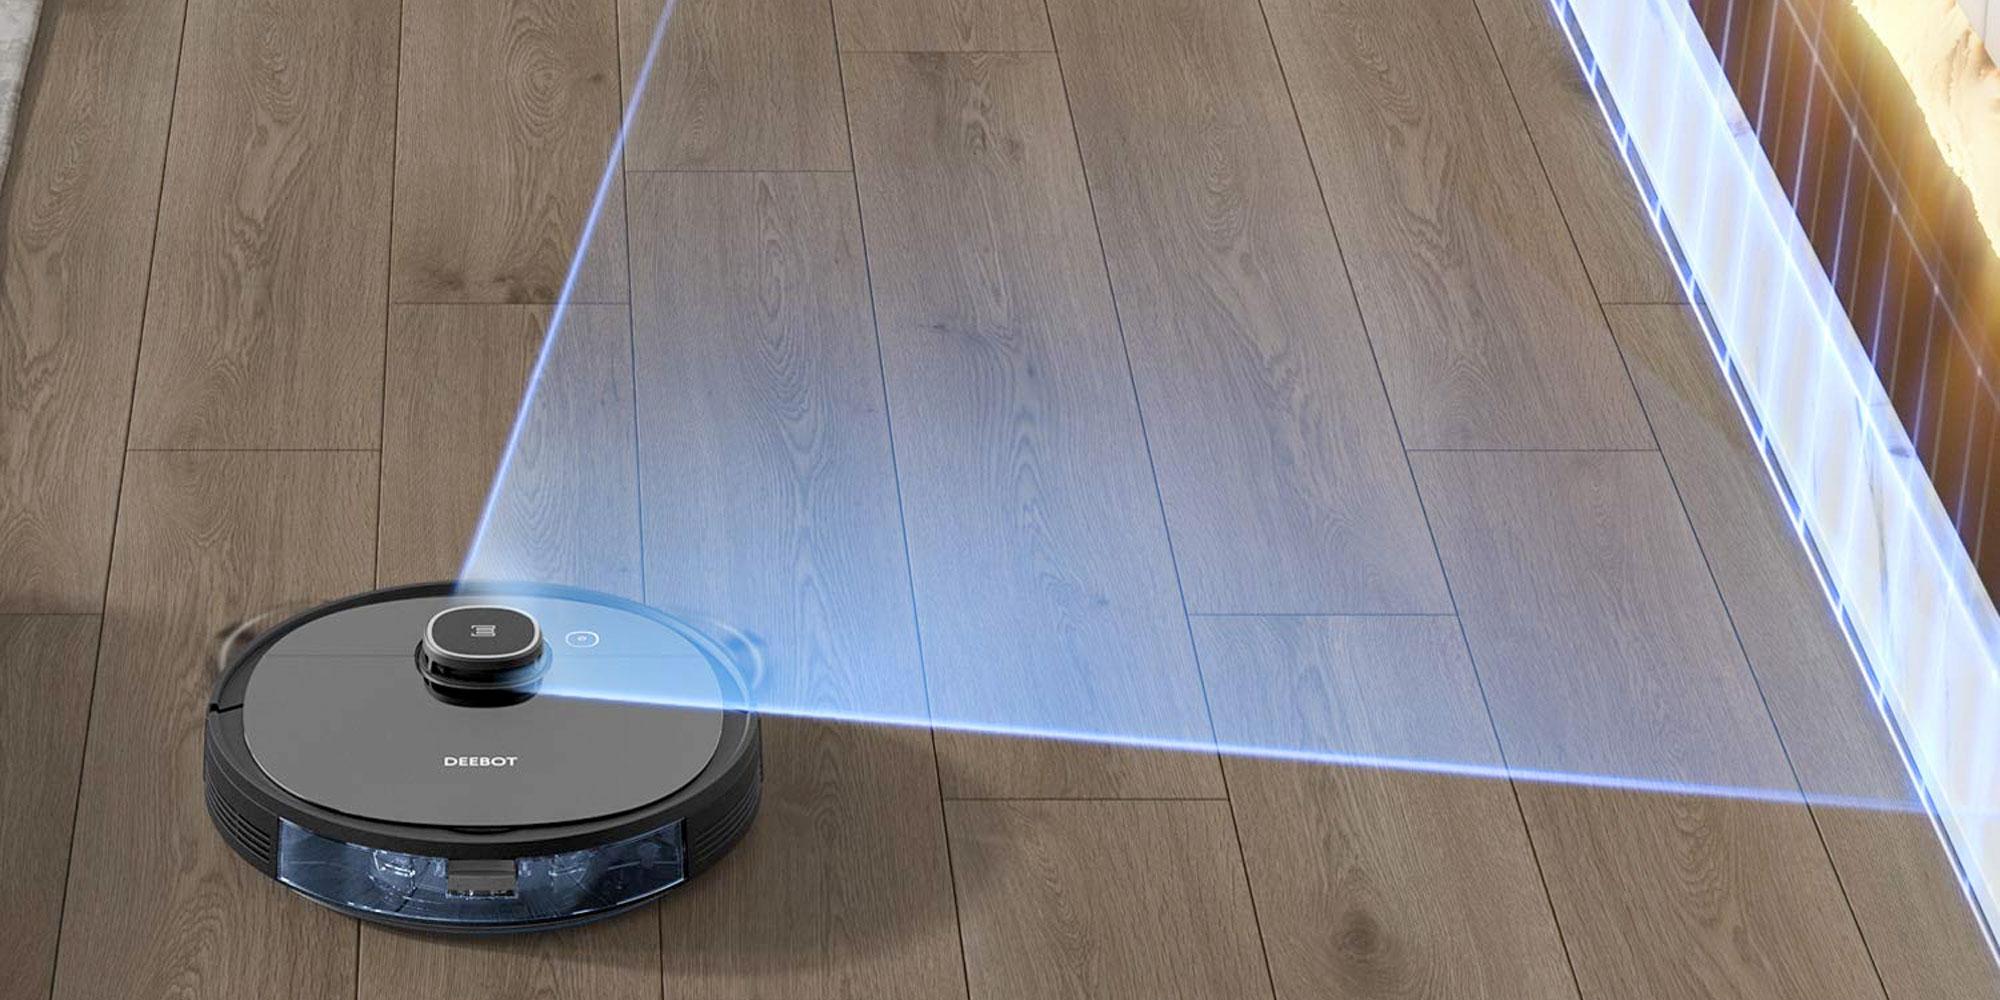 Ecovacs Alexa Assistant Robot Vac Has 200 Minutes Of